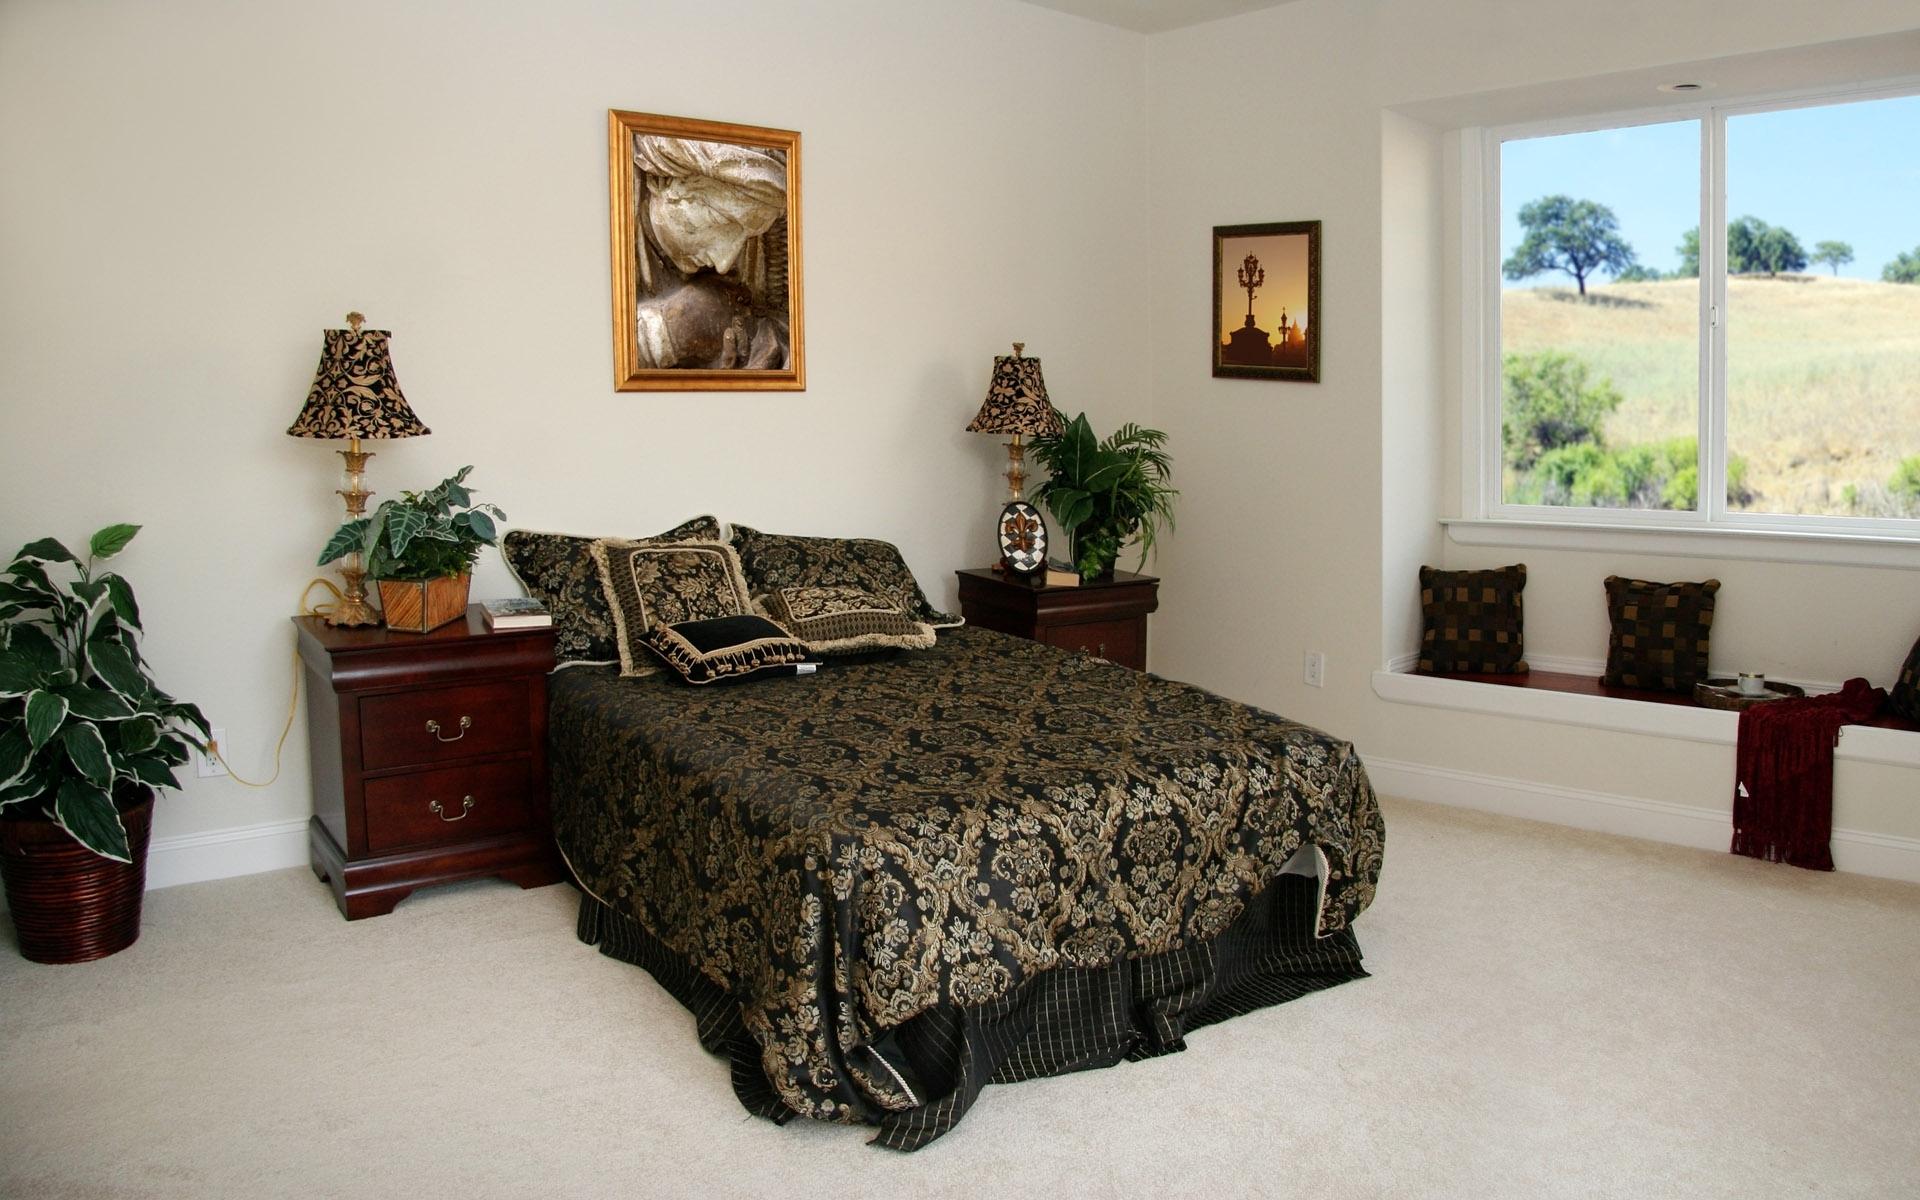 f8b2cd0abab1 okno izba posteľ drevo dom spálne interiérový dizajn chata hodnosť podlaha  štýl Domov tvrdé drevo nábytok